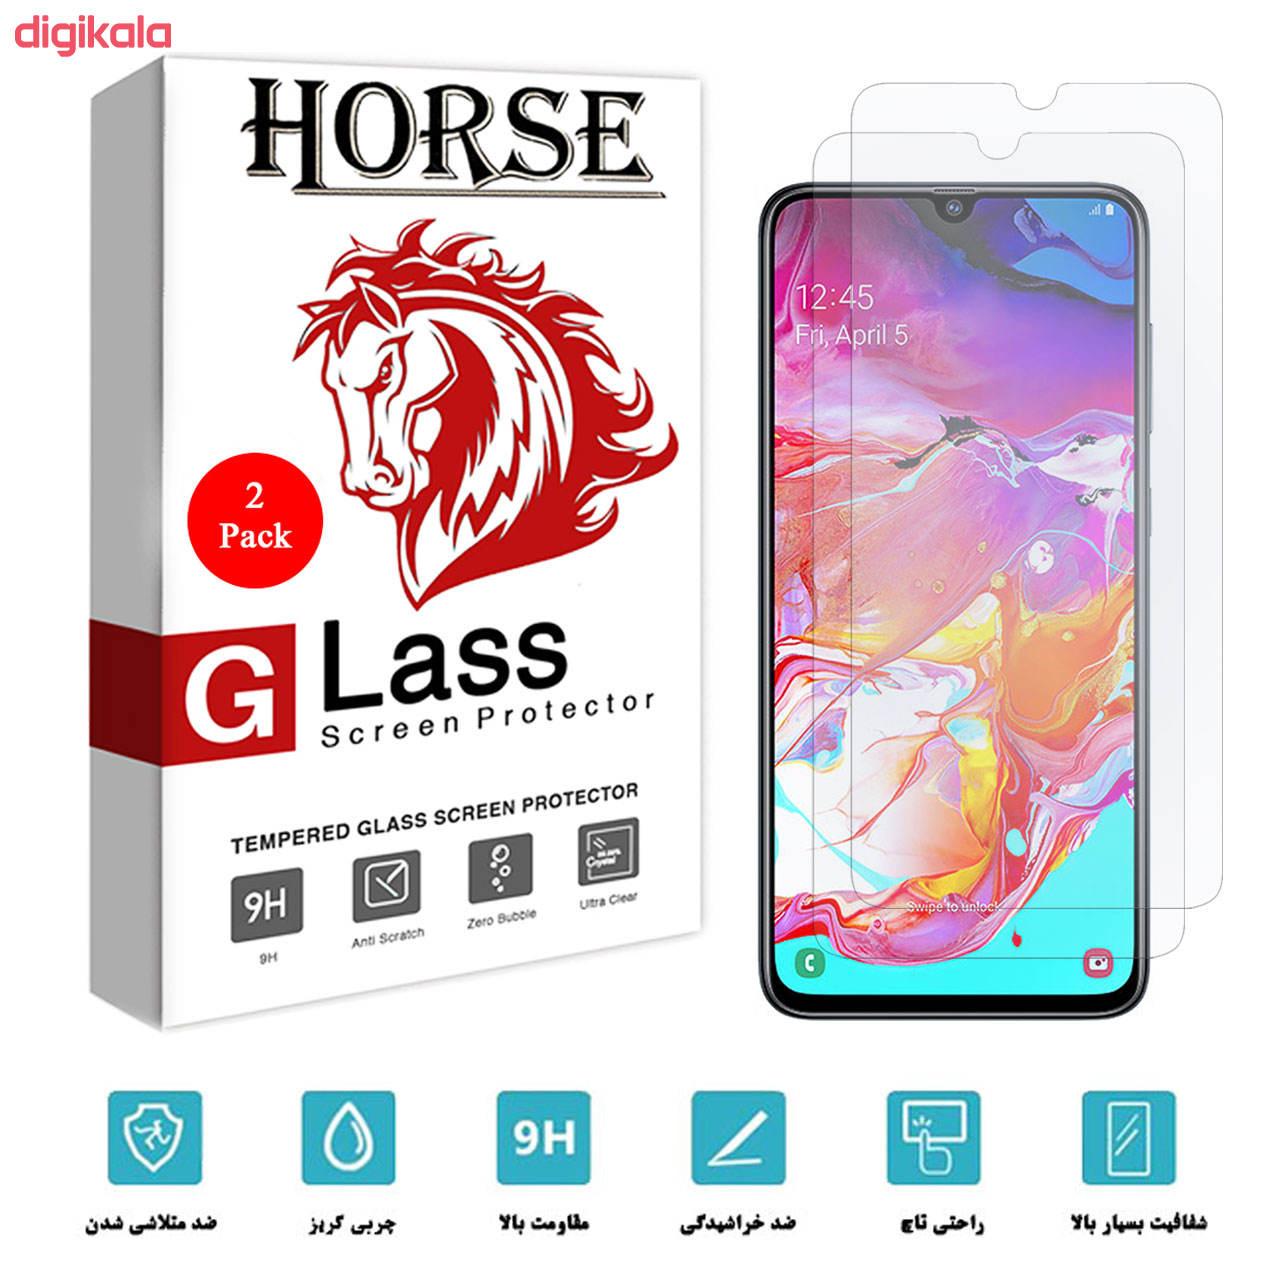 محافظ صفحه نمایش هورس مدل UCC مناسب برای گوشی موبایل سامسونگ Galaxy A70 بسته دو عددی main 1 2